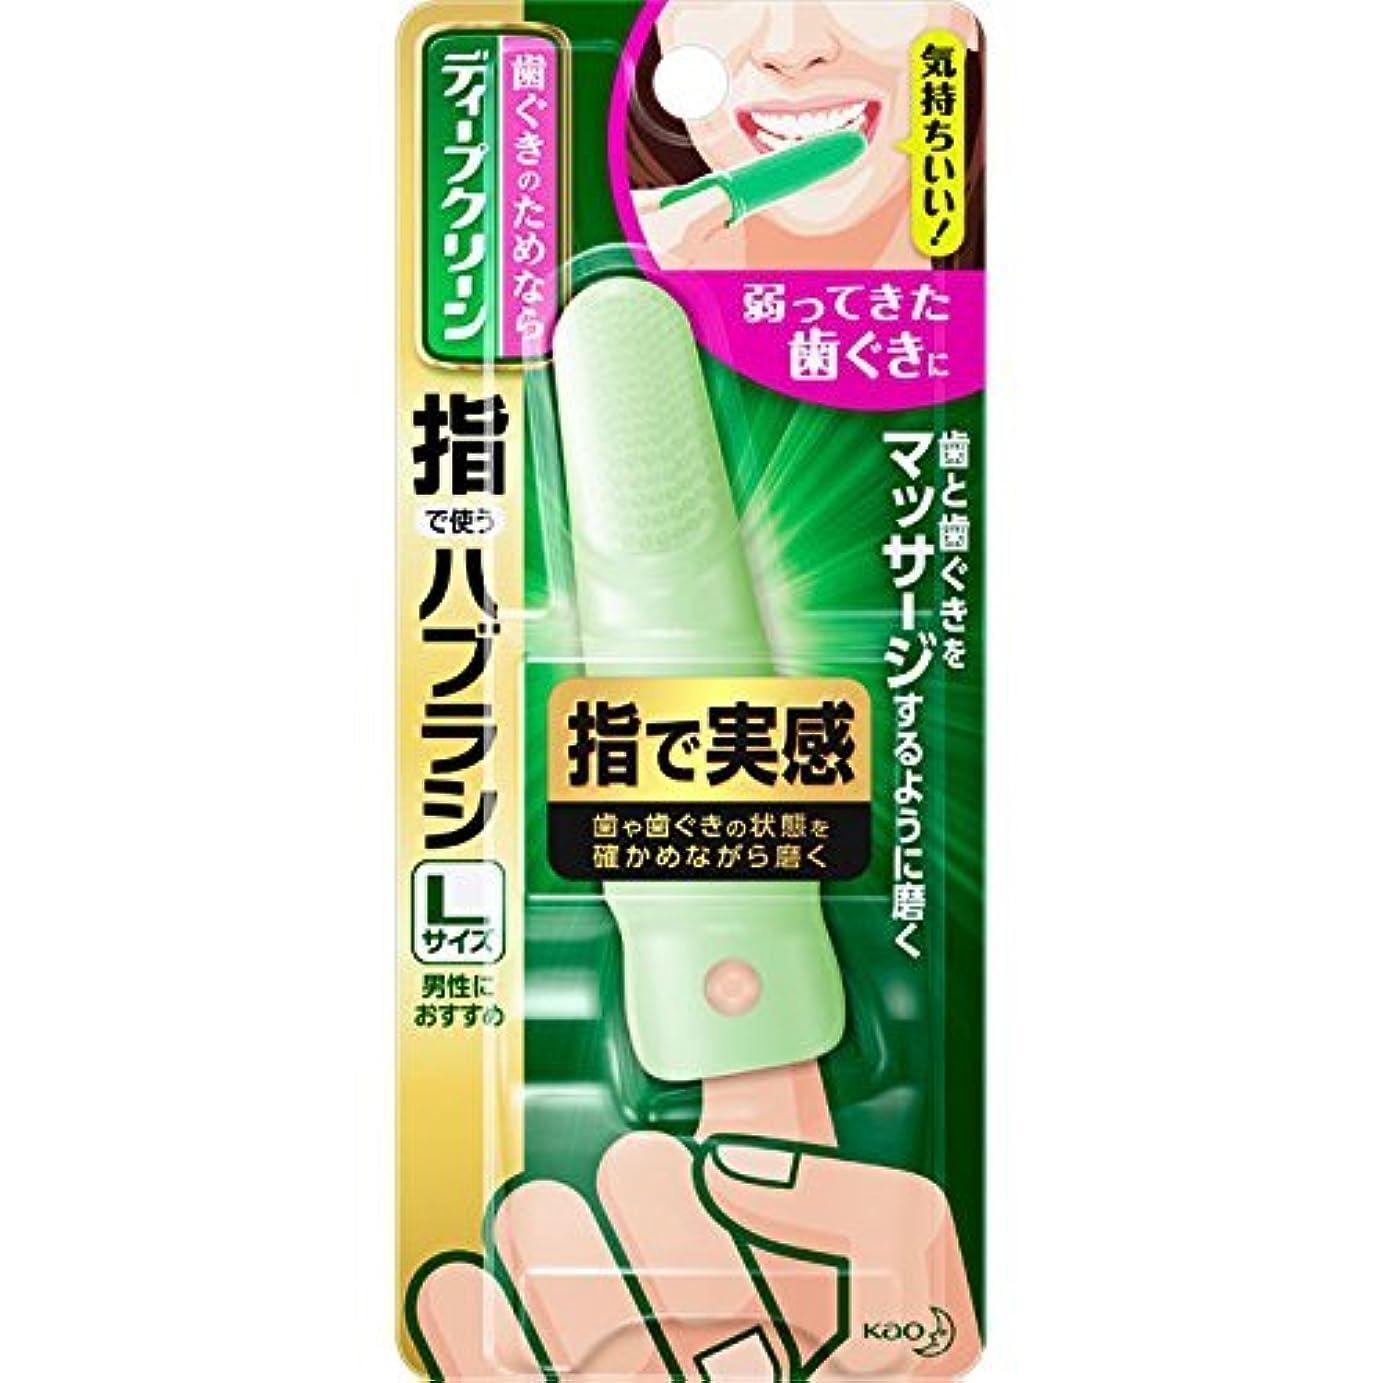 スカルク公平左ディープクリーン 指で使うハブラシ Lサイズ (男性におすすめサイズ)